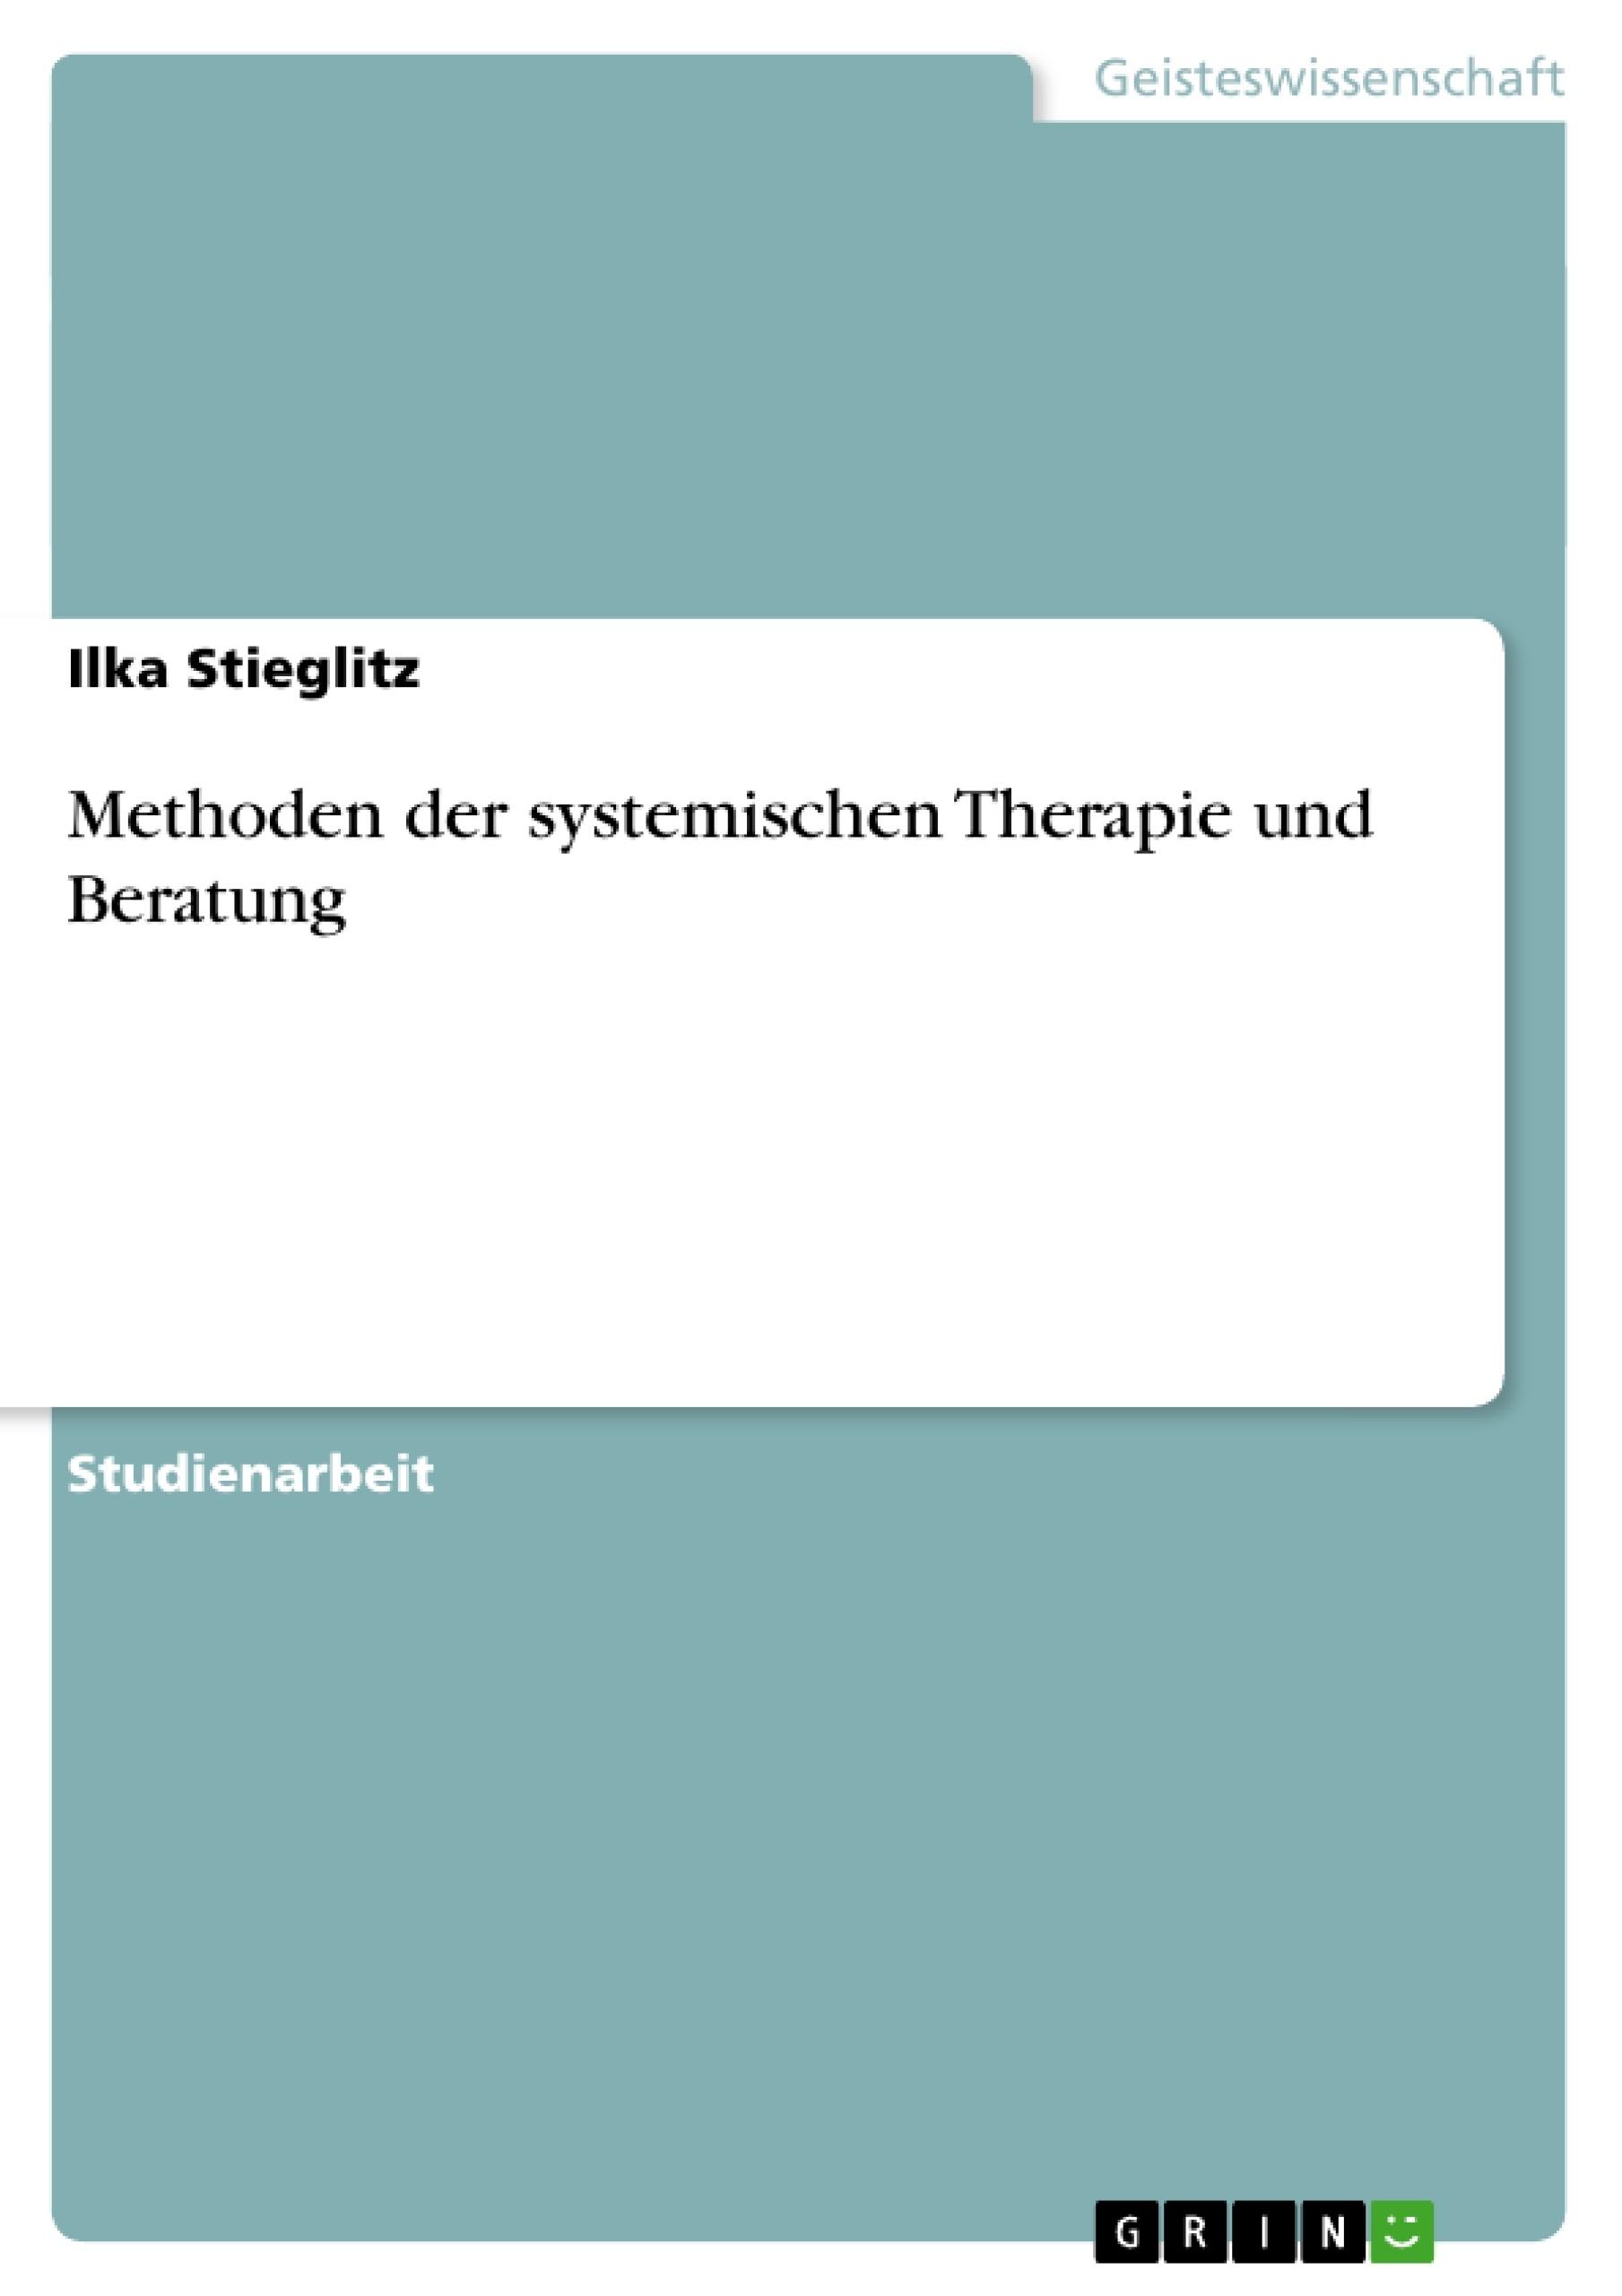 Titel: Methoden der systemischen Therapie und Beratung